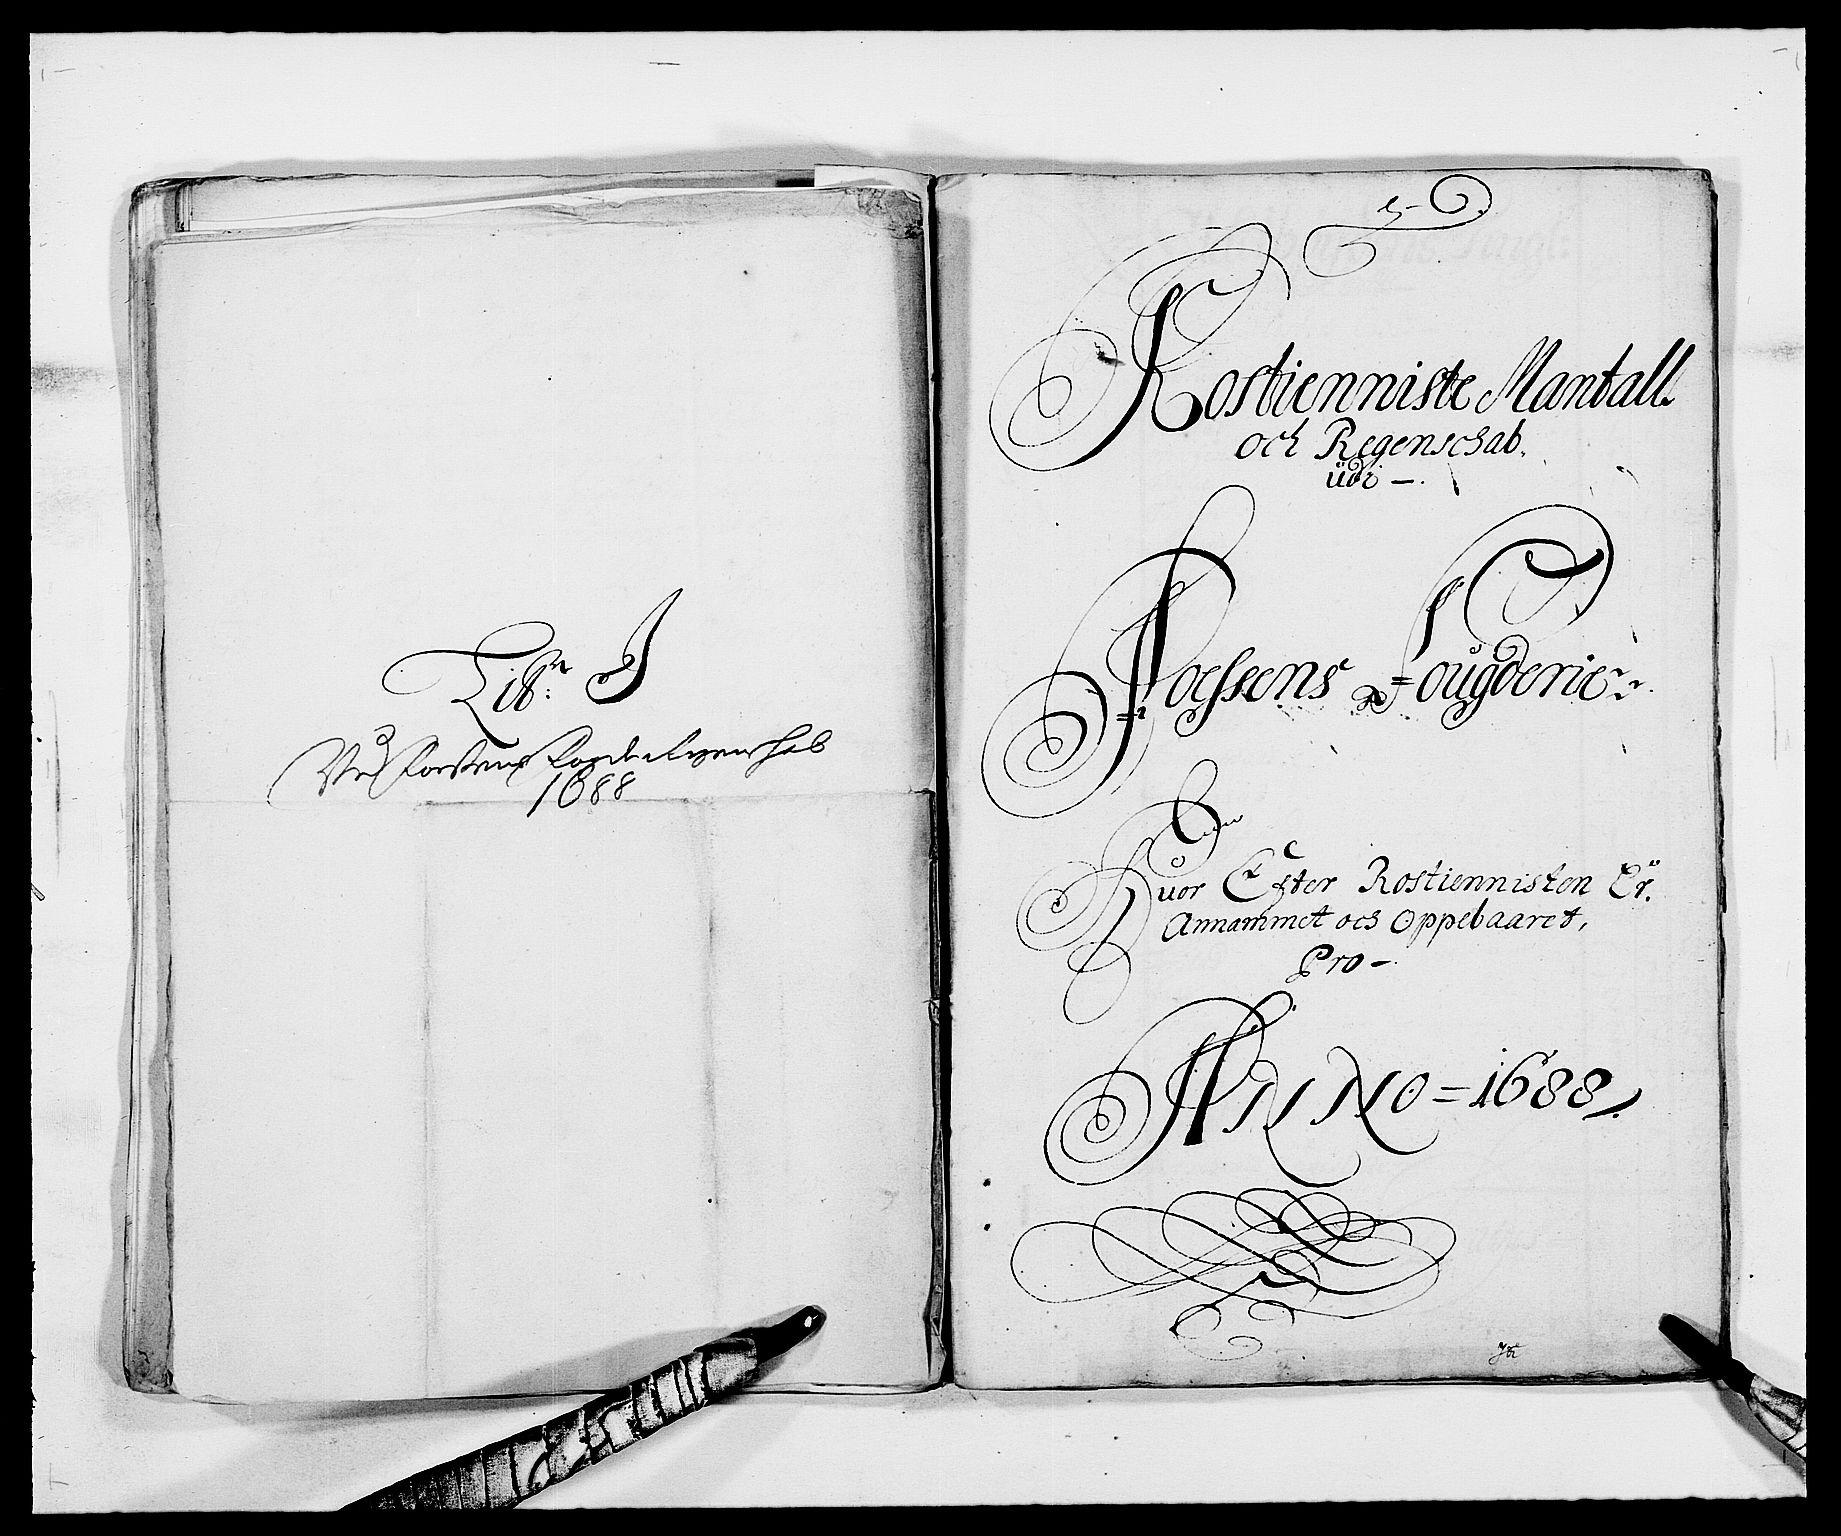 RA, Rentekammeret inntil 1814, Reviderte regnskaper, Fogderegnskap, R57/L3846: Fogderegnskap Fosen, 1688, s. 118